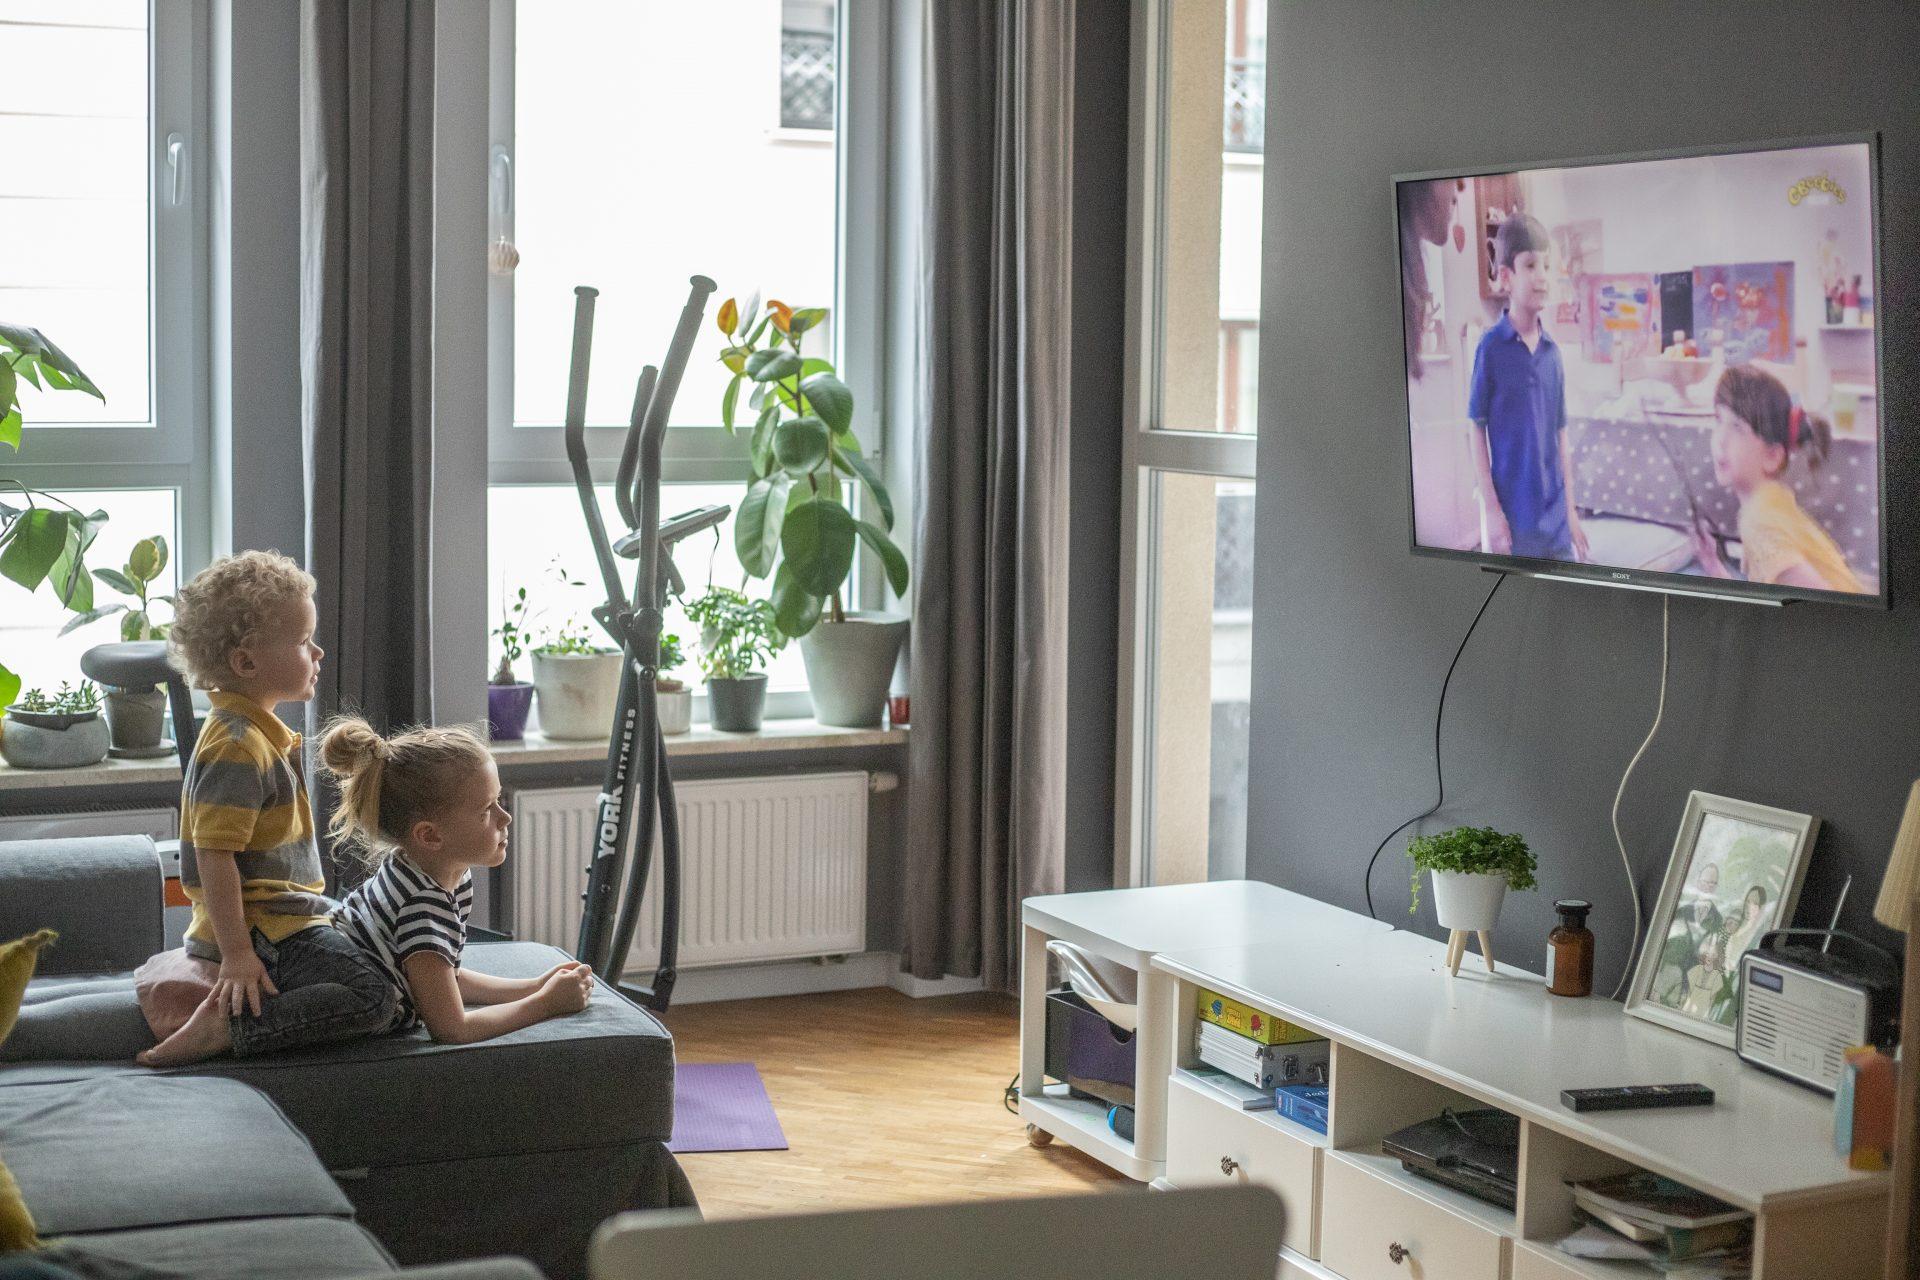 12 sposobów jak nauczyć dzieci rozsądnego oglądania bajek – my #oglądamymądrze